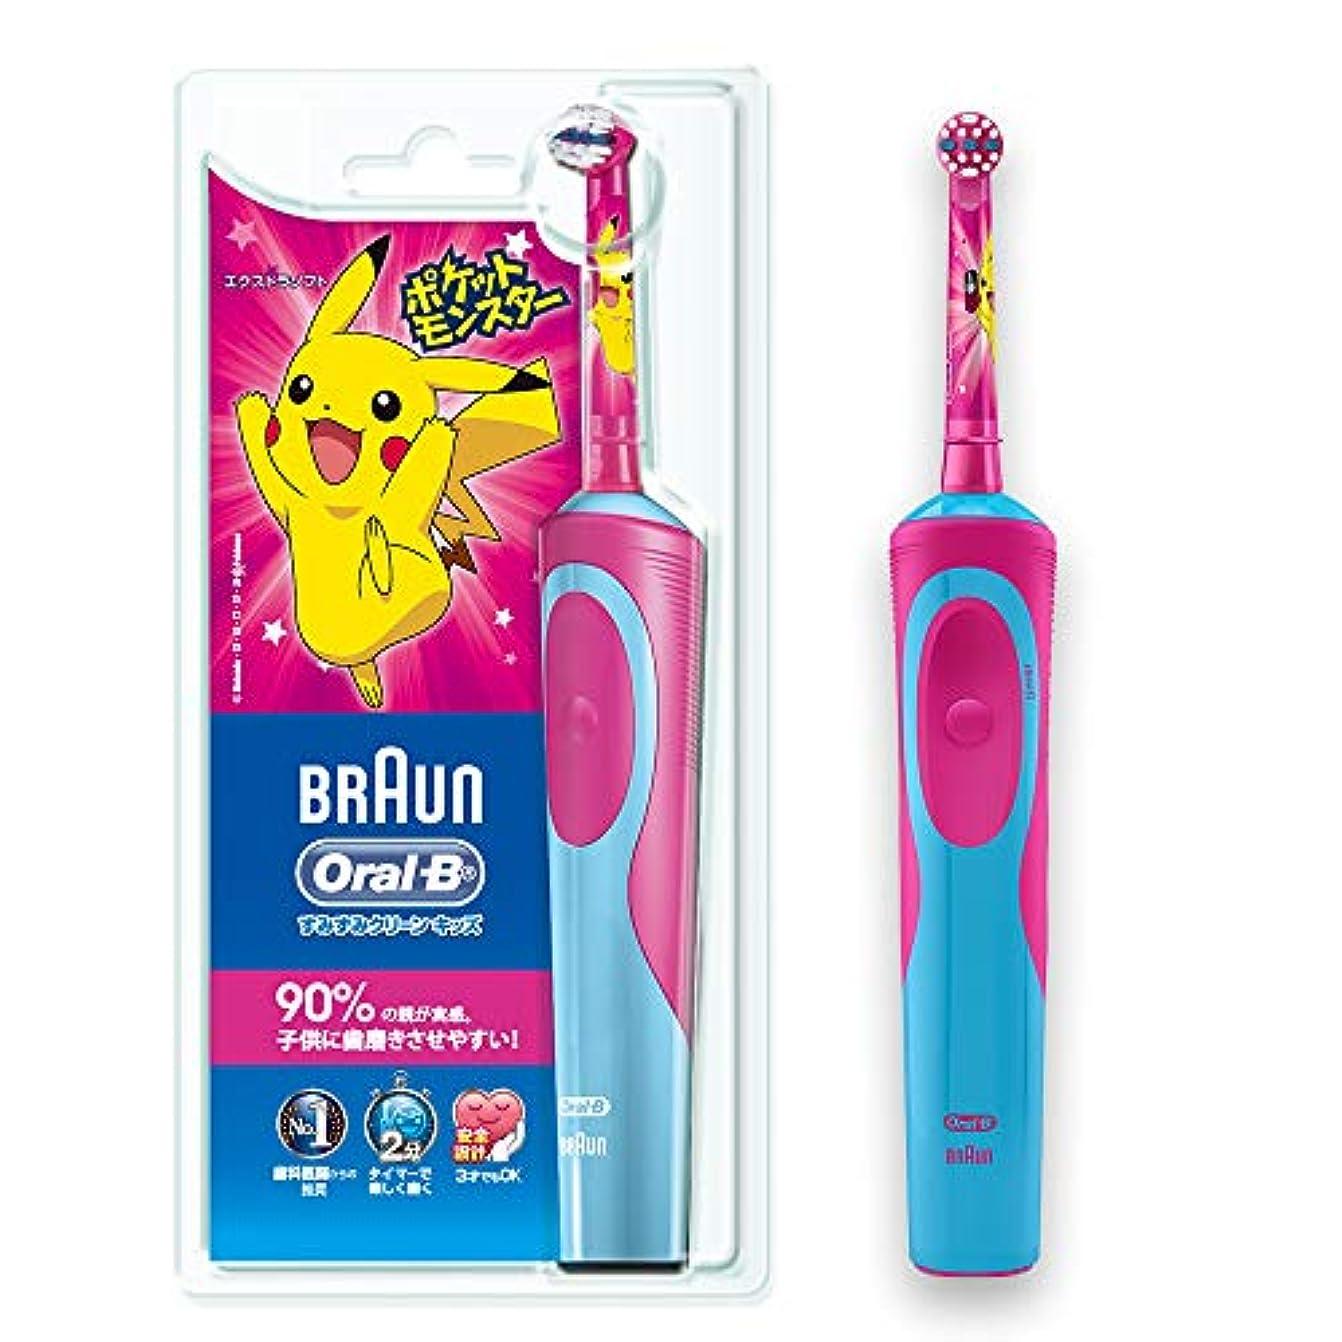 ヒゲに向かって速いブラウン オーラルB 電動歯ブラシ 子供用 D12513KPKMG すみずみクリーンキッズ 本体 ピンク ポケモン 歯ブラシ